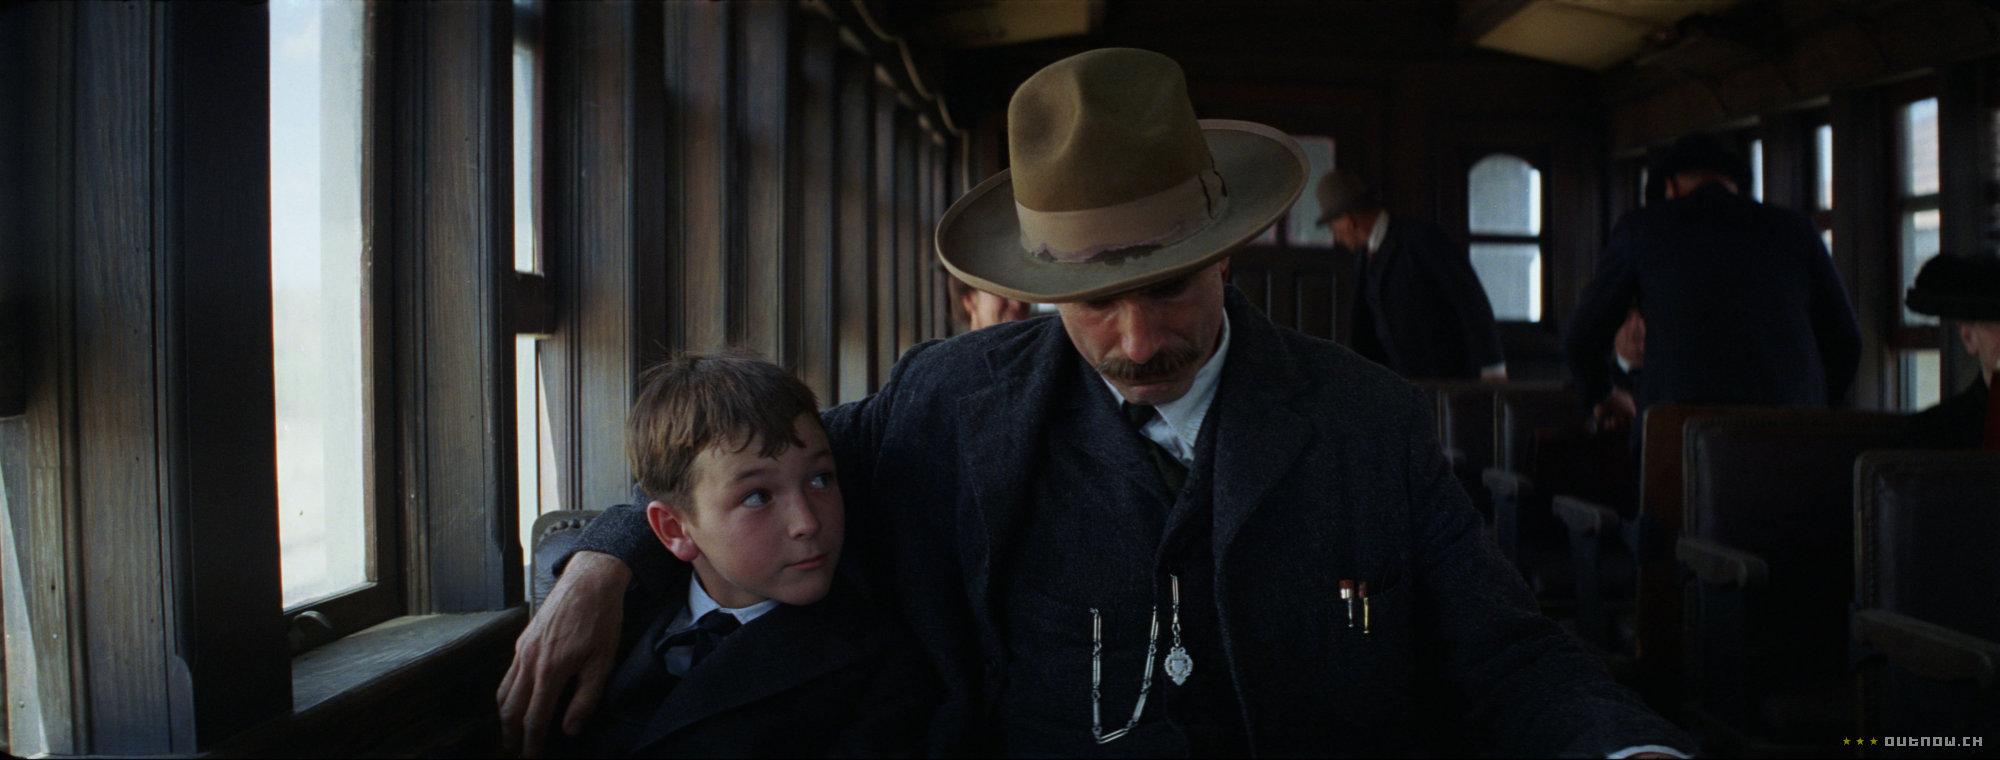 кадры из фильма Нефть